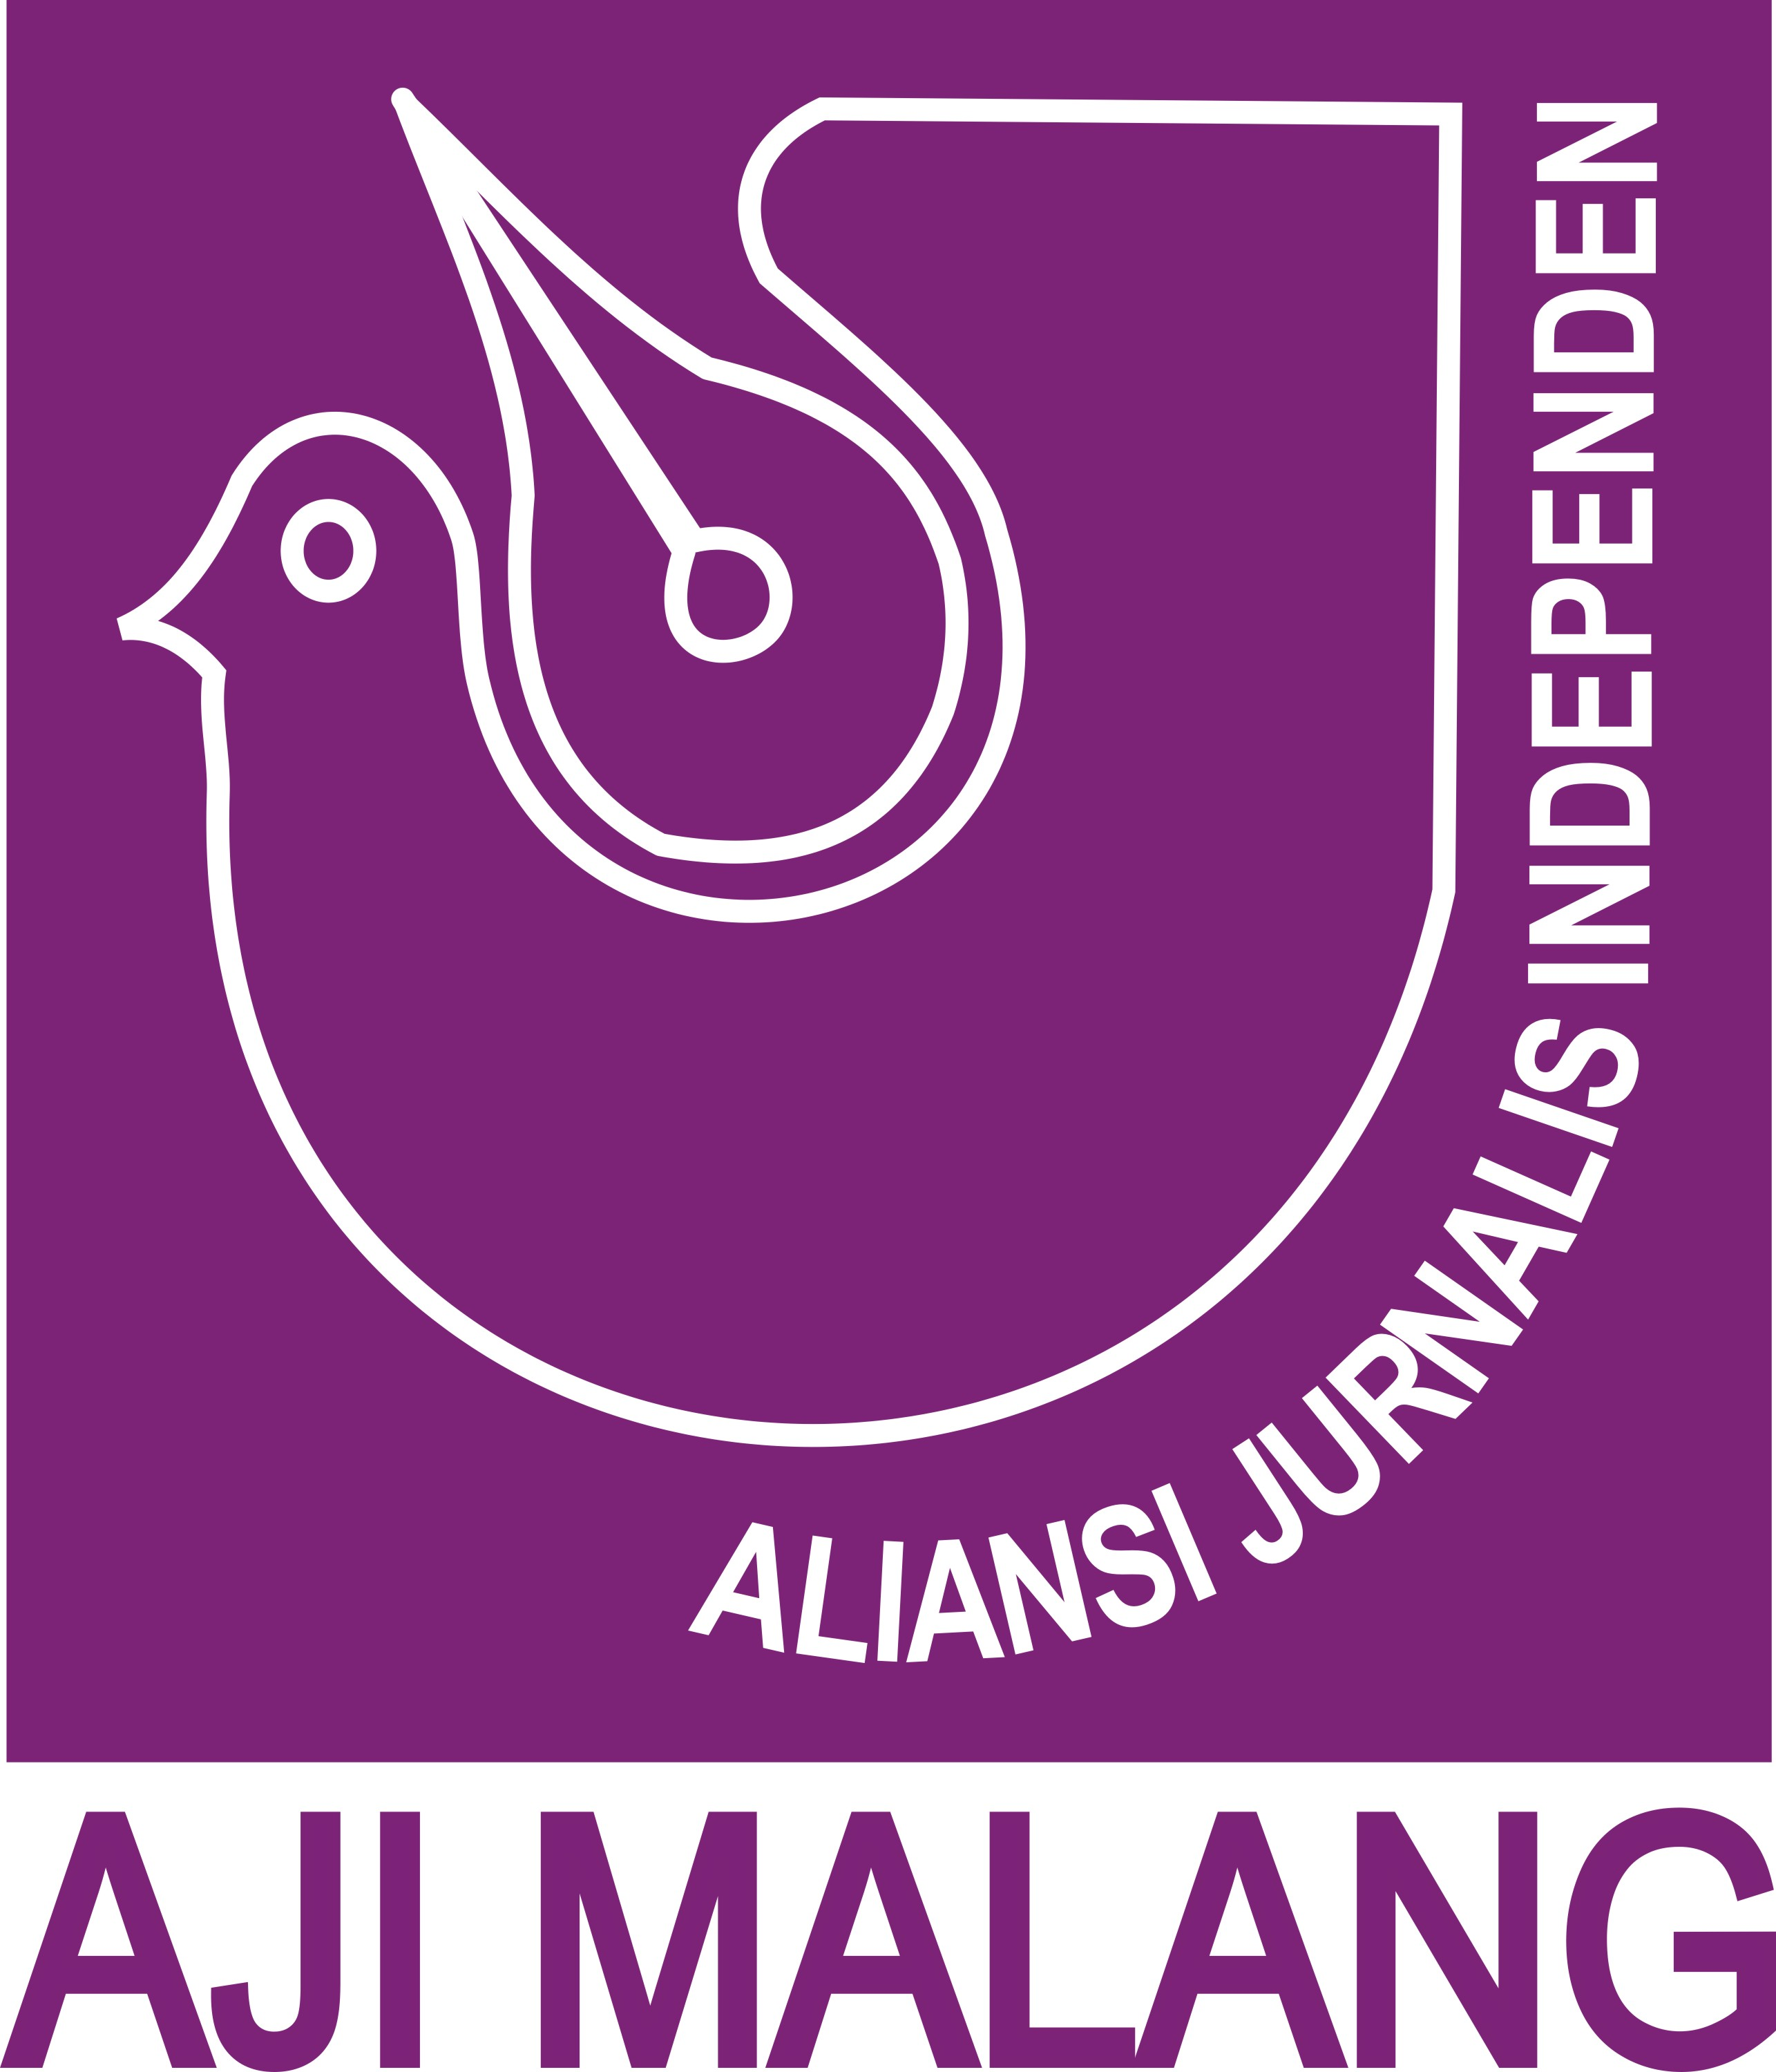 Potret Kesejahteraan dan Kemerdekaan Pers di Malang